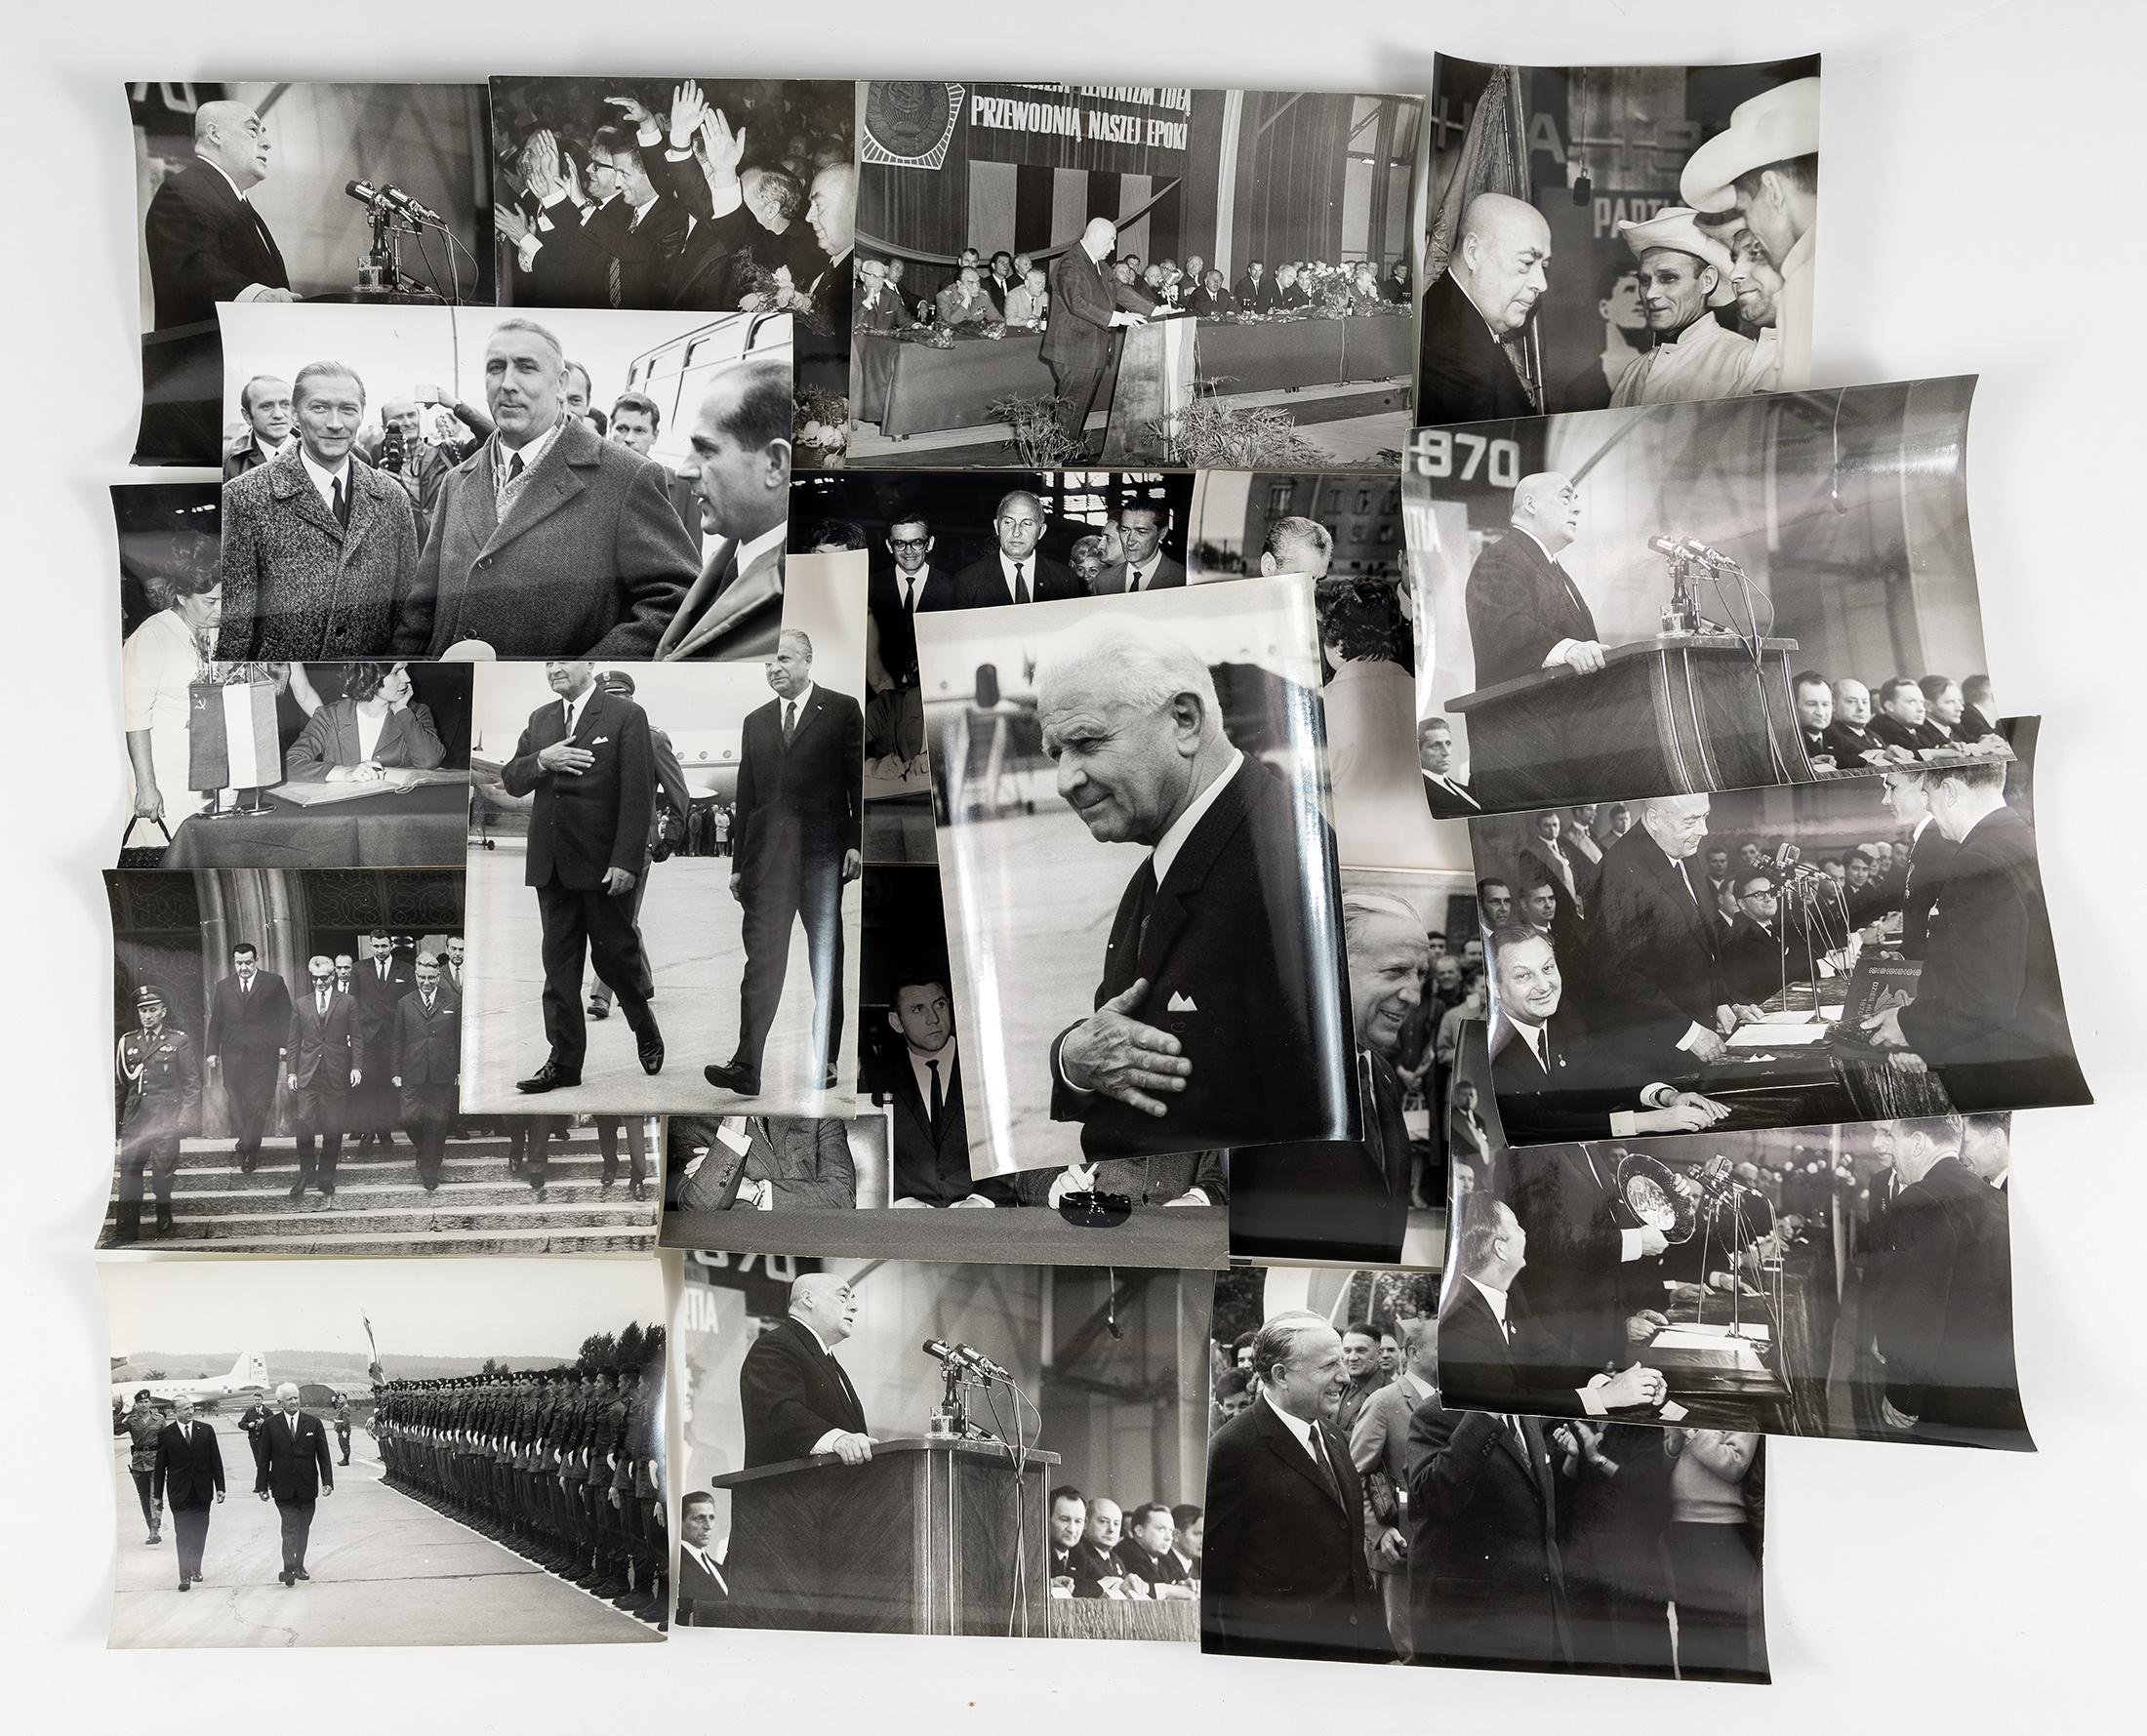 Z gospodarską wizytą, lata 70. XX wieku